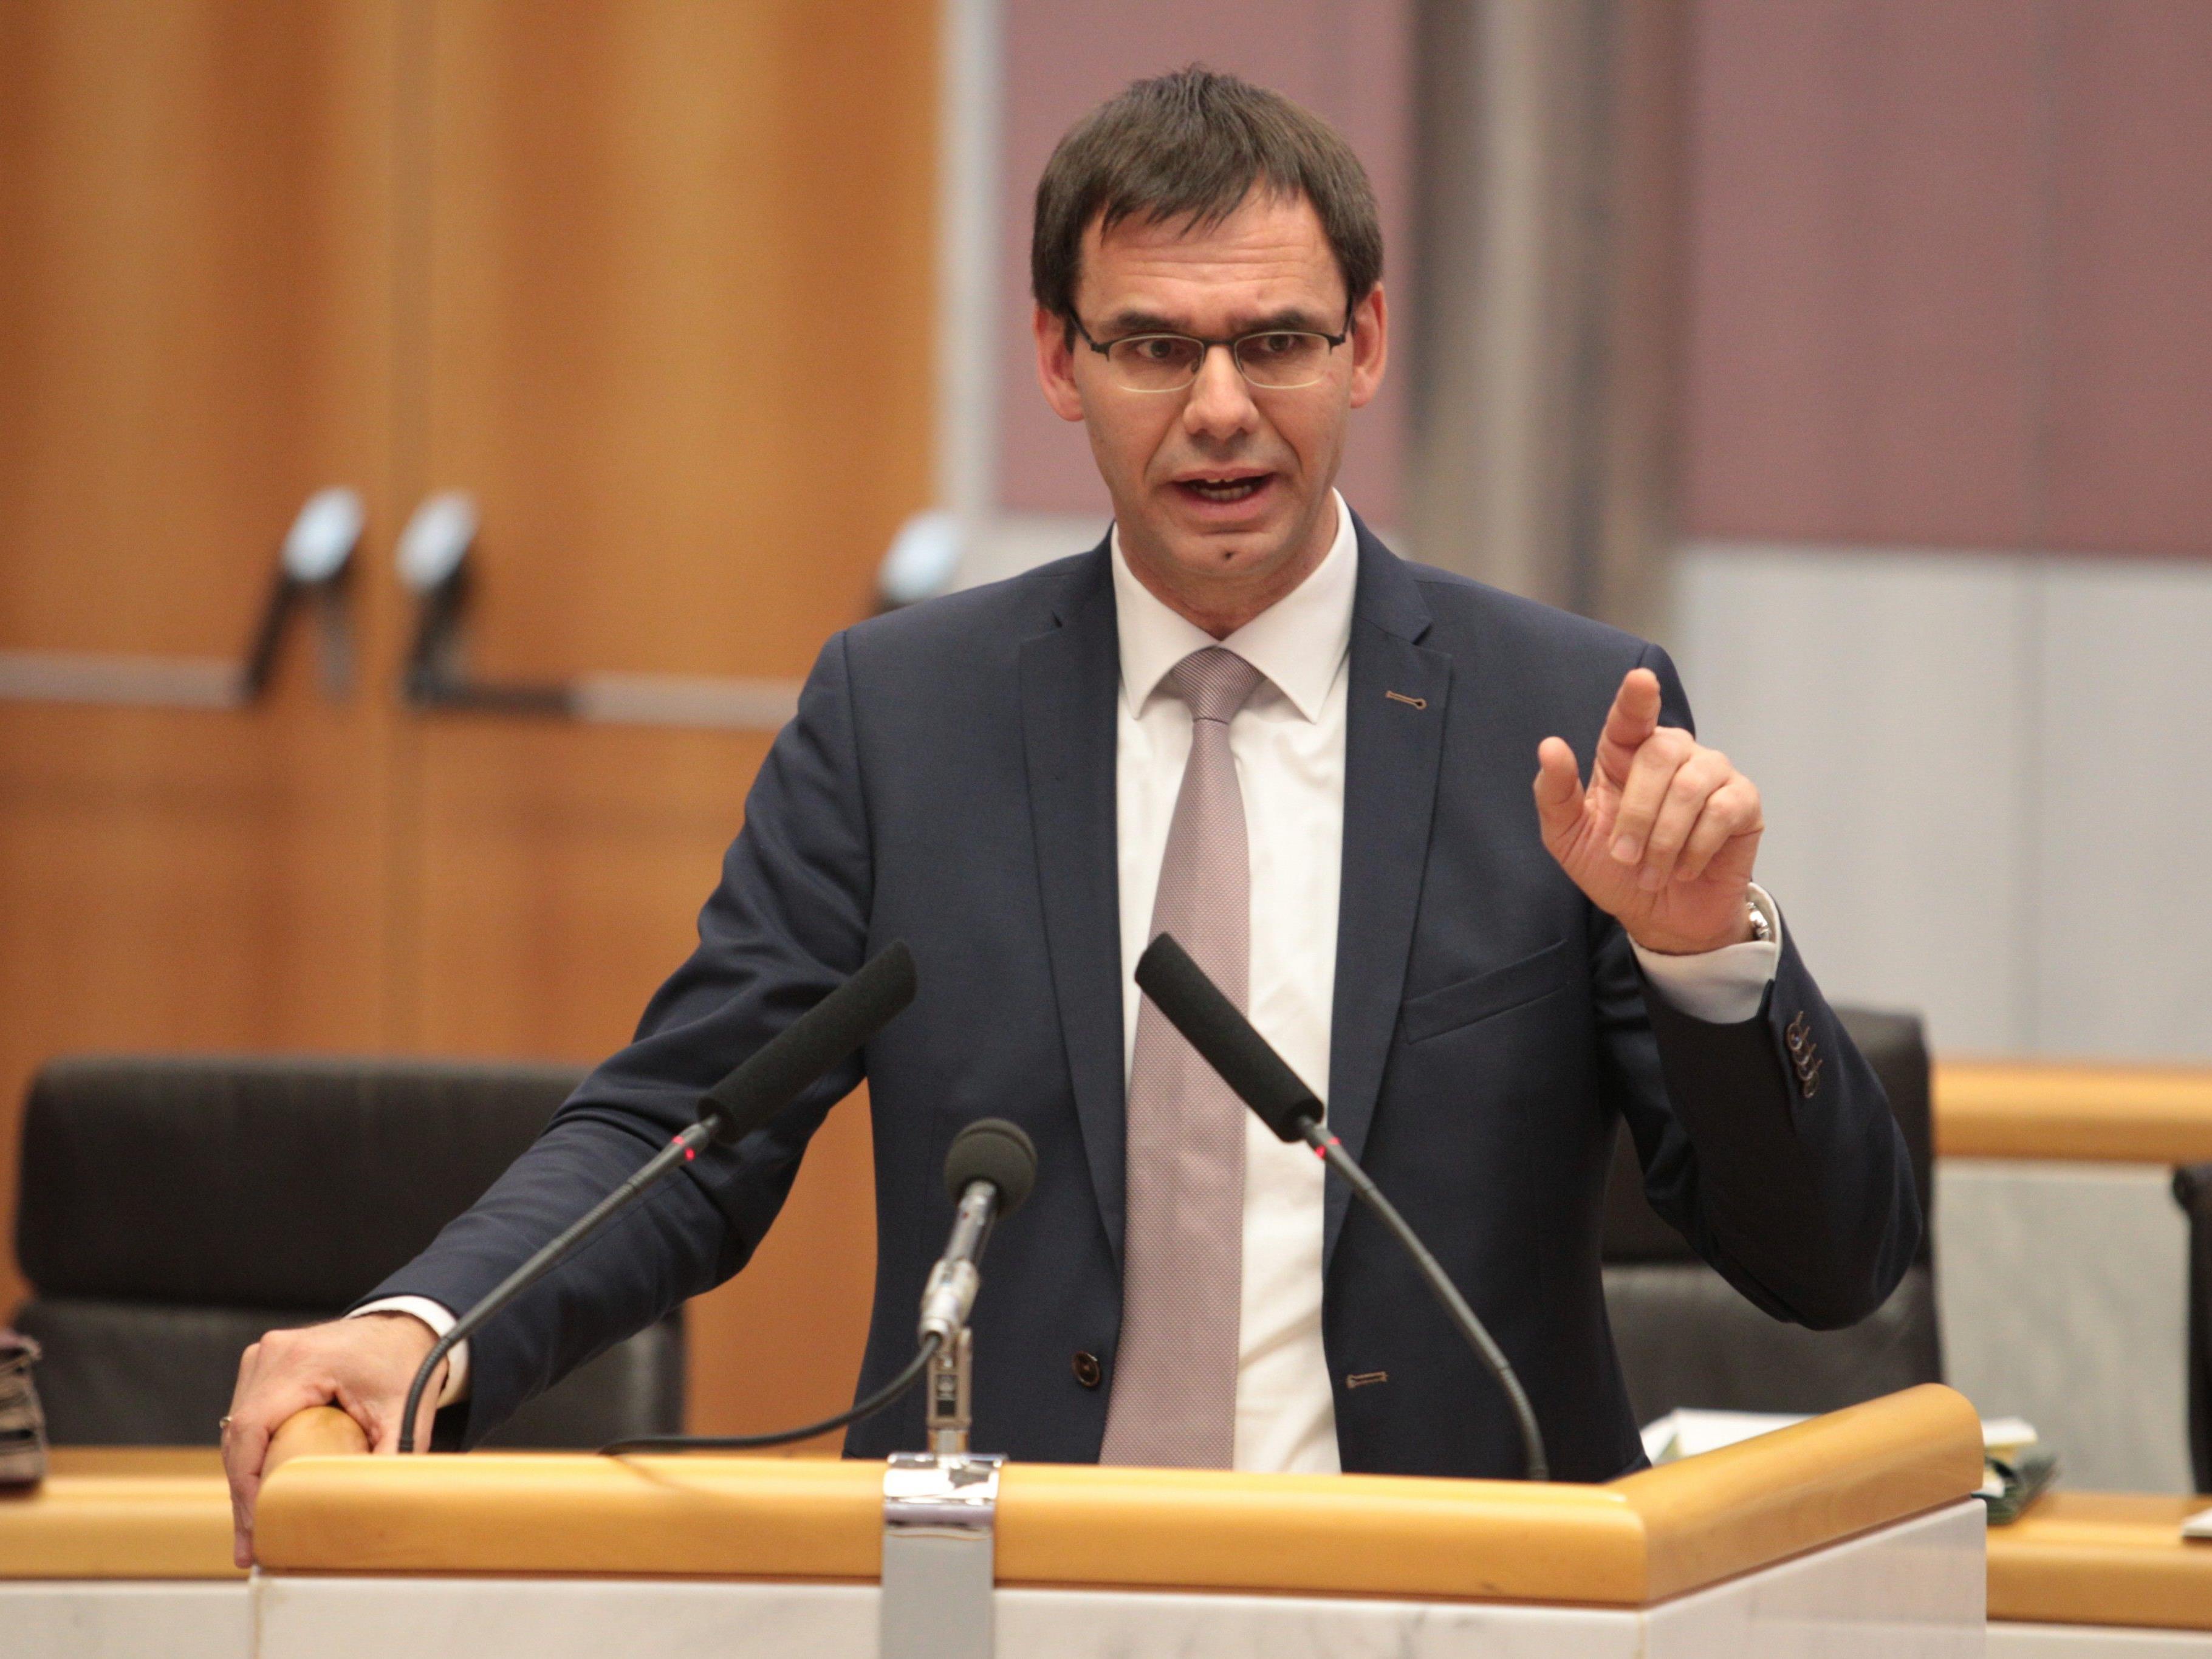 Landeshauptmann Wallner hat sich für ein Burkaverbot im öffentlichen Raum ausgesprochen.